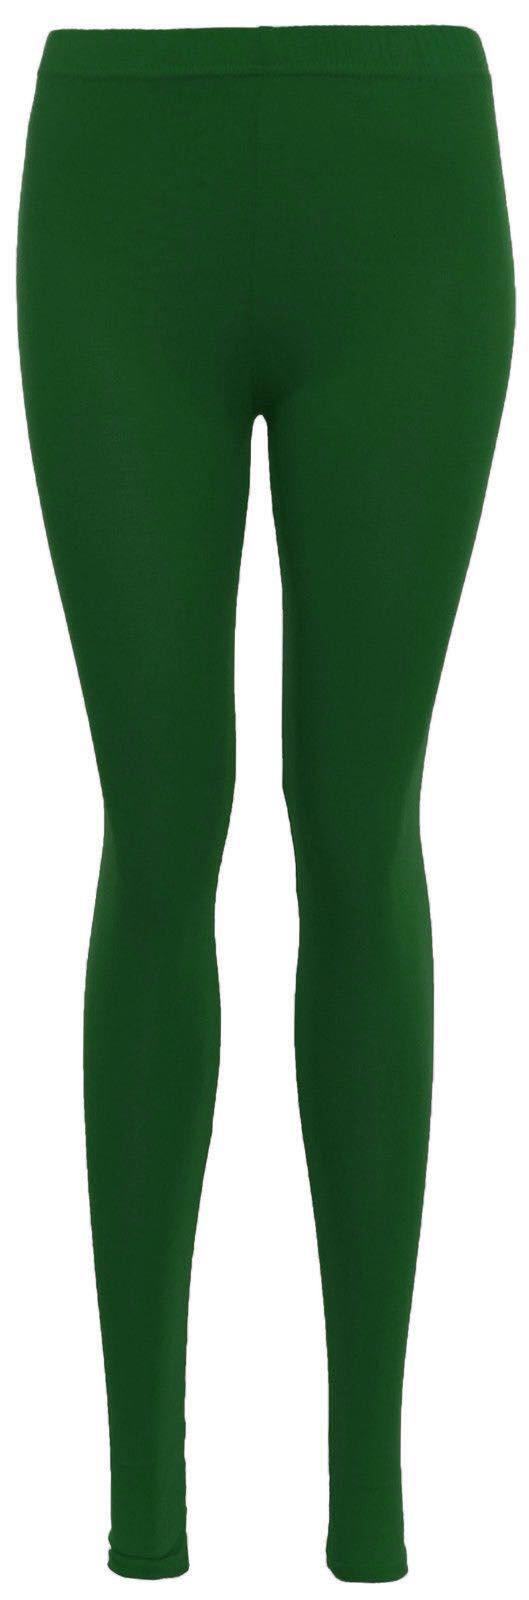 Linea-donna-legging-donna-Tinta-Unita-Elastico-Viscosa-piena-lunghezza-legging-PLUS-SIZE-8-14